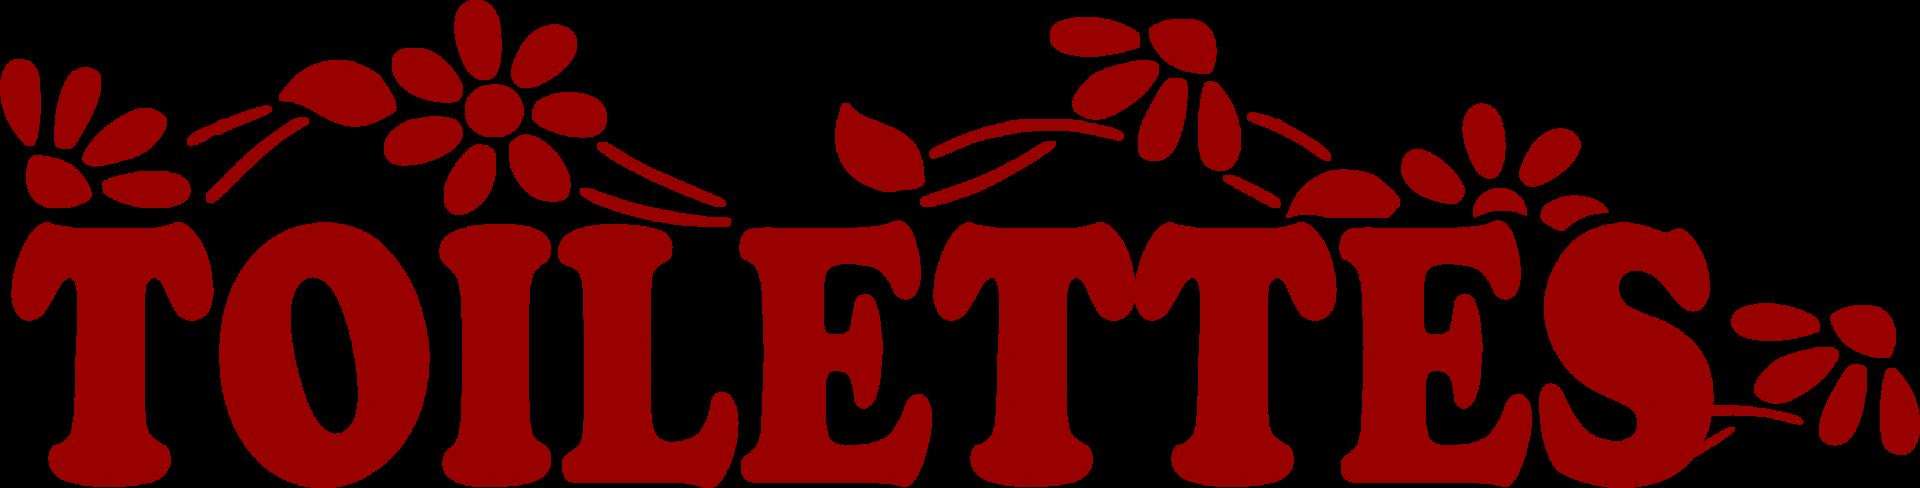 Toilettes fleurs sticker rouge